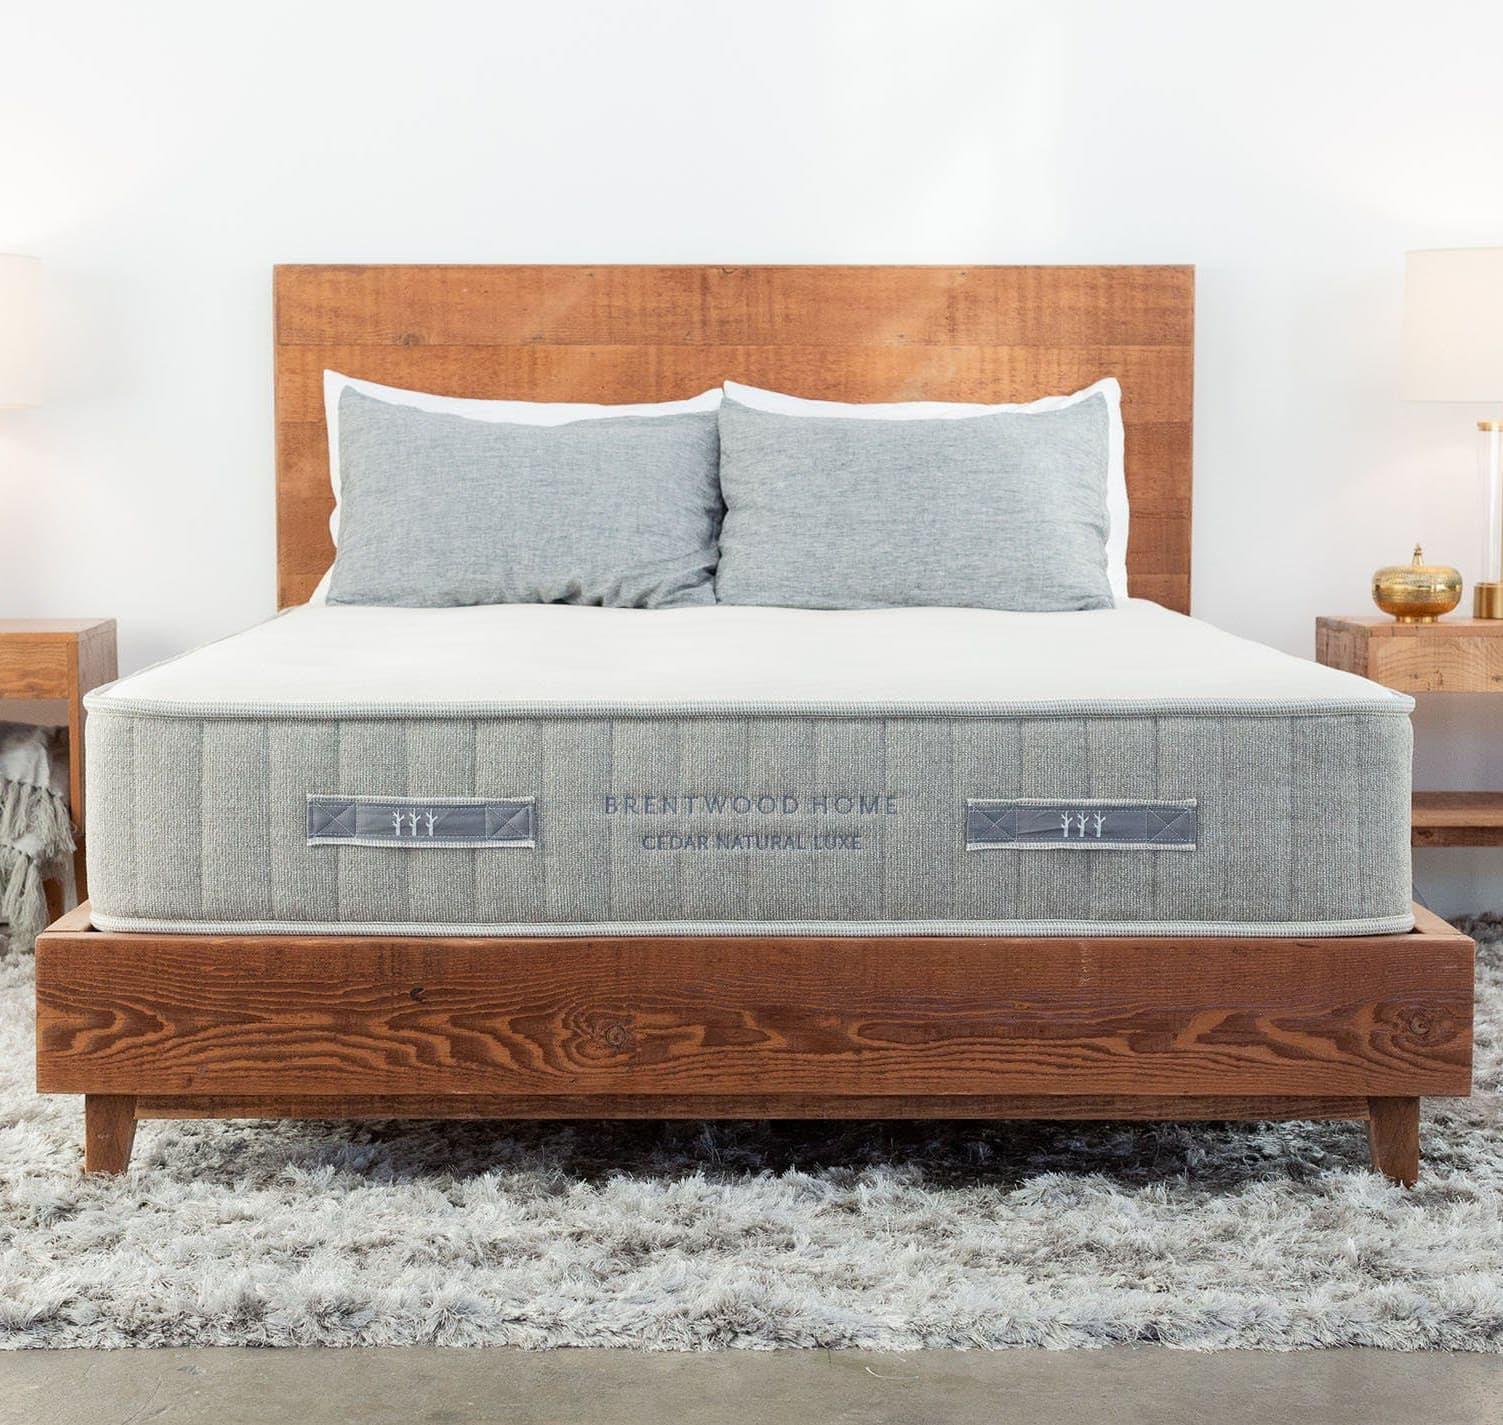 cedar mattress with no topper